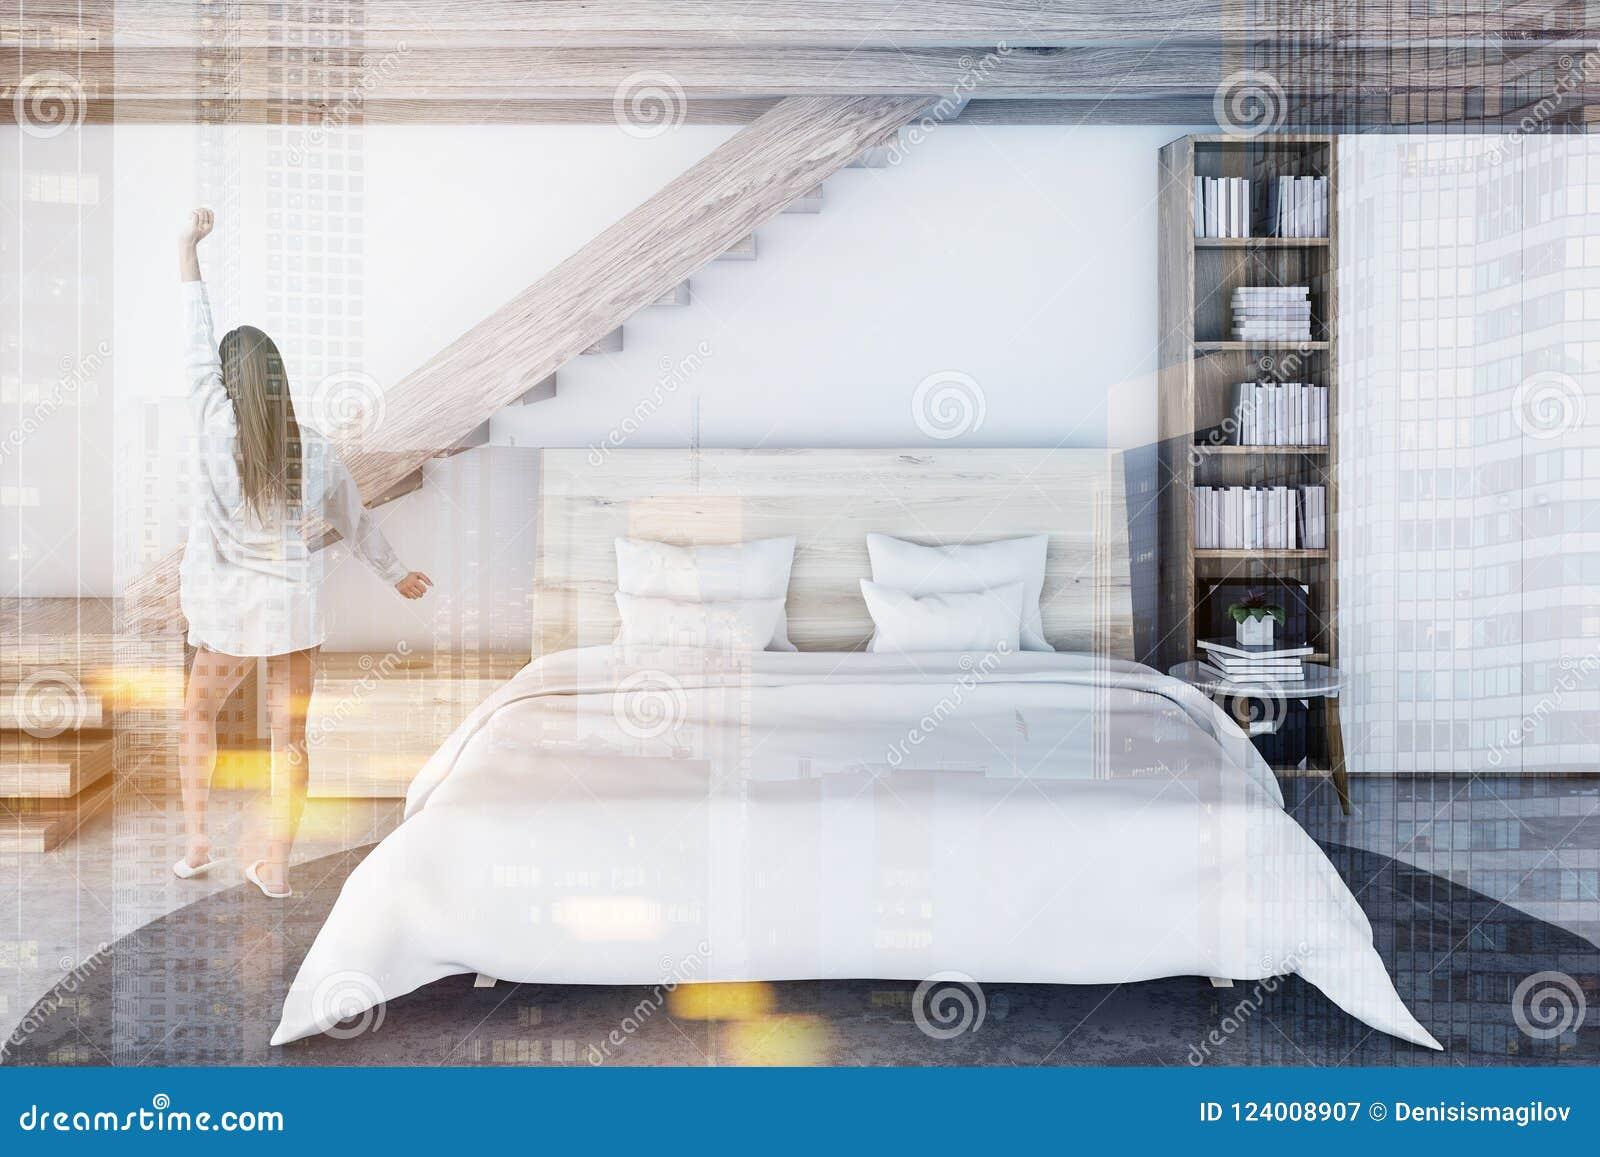 Camera Da Letto In Legno Bianco : Camera da letto scandinava bianca e di legno donna illustrazione